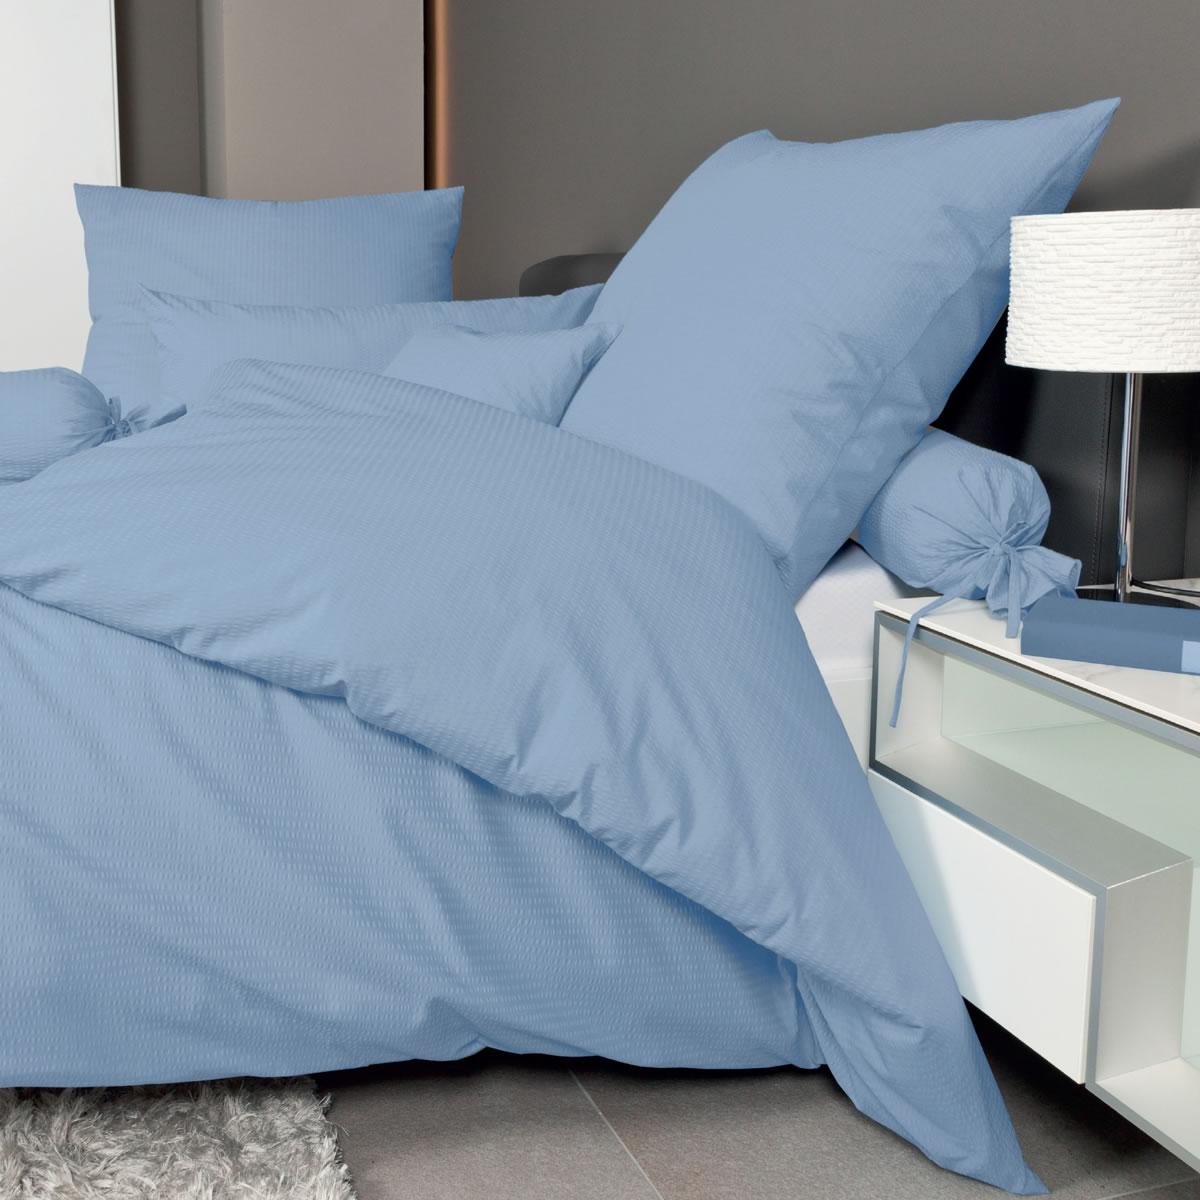 Möbel & Wohnen Sonderabschnitt Bettwäsche 155x220